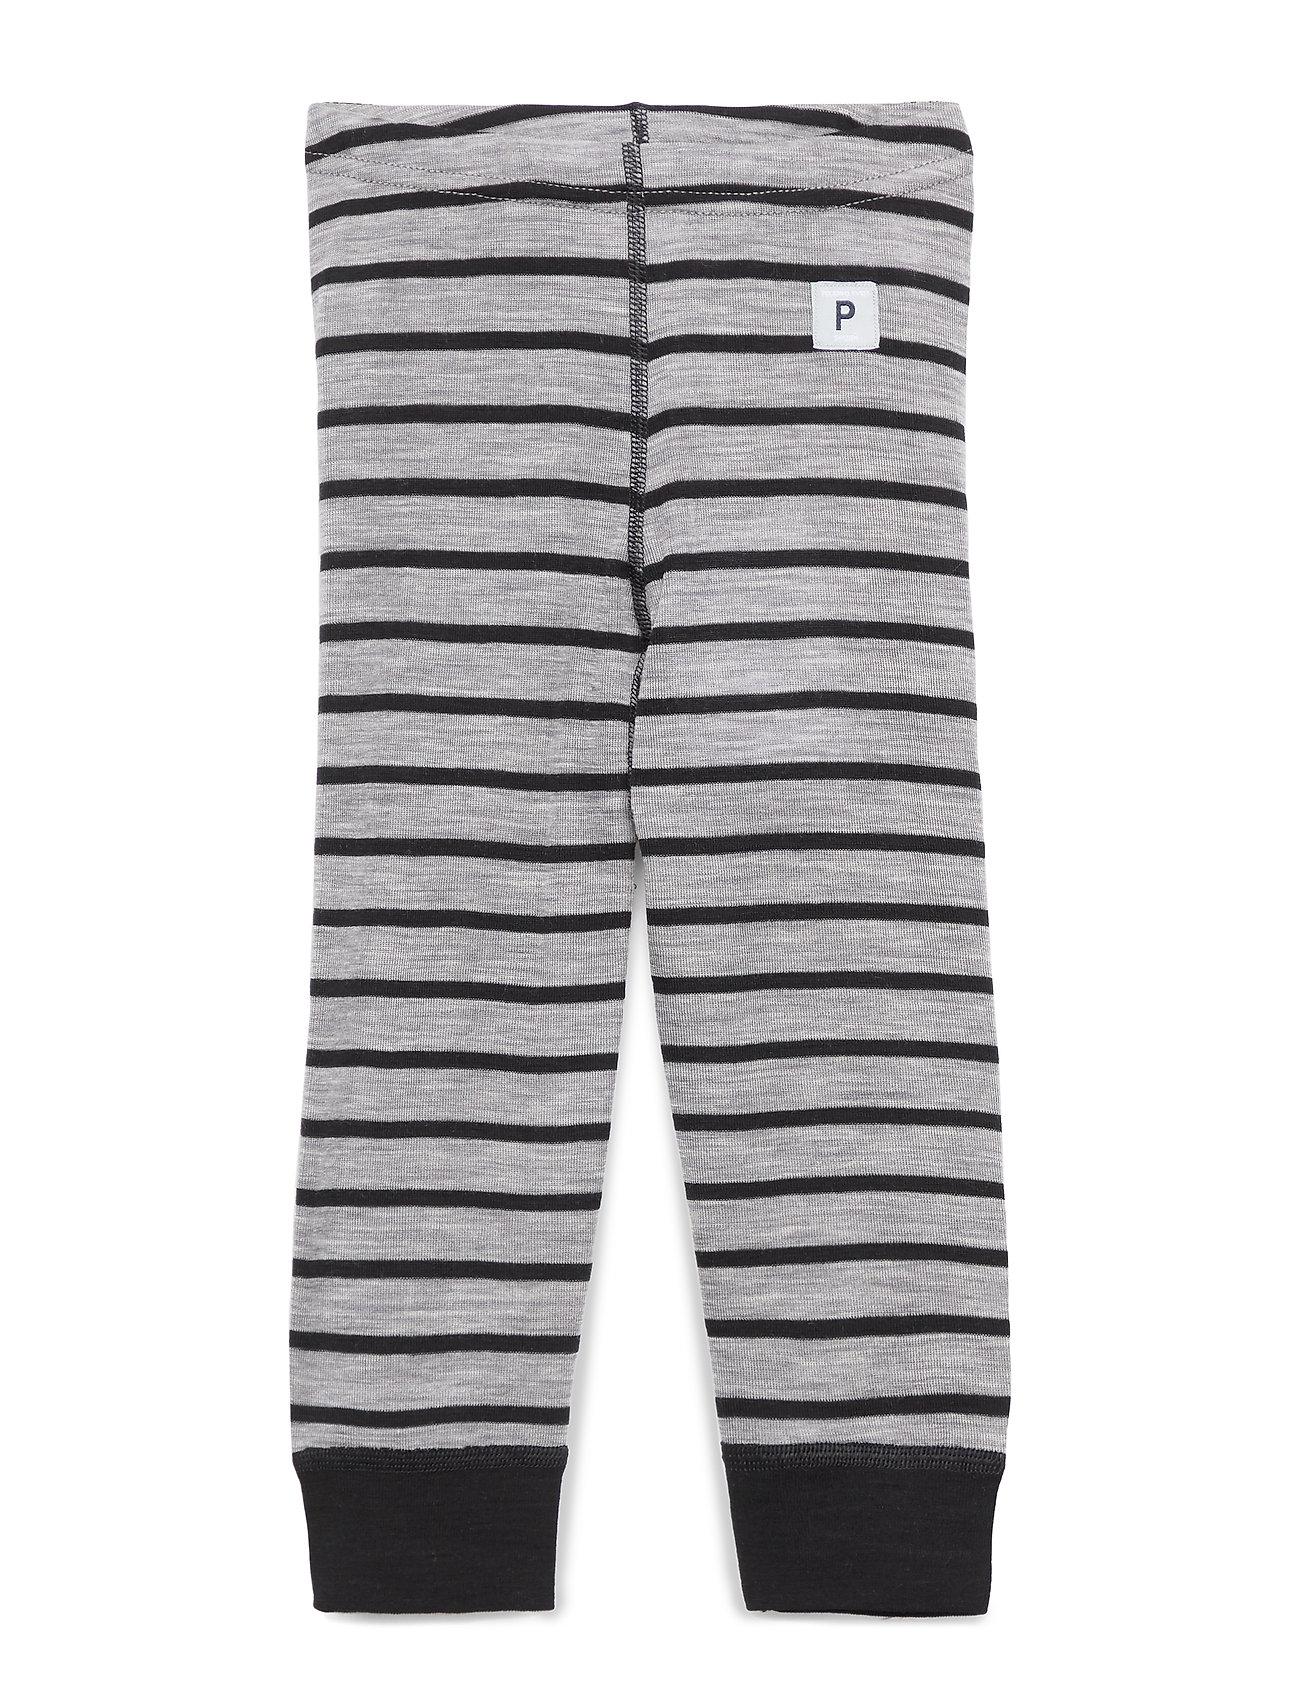 Polarn O. Pyret Long Johns Wool Striped Baby - GREYMELANGE